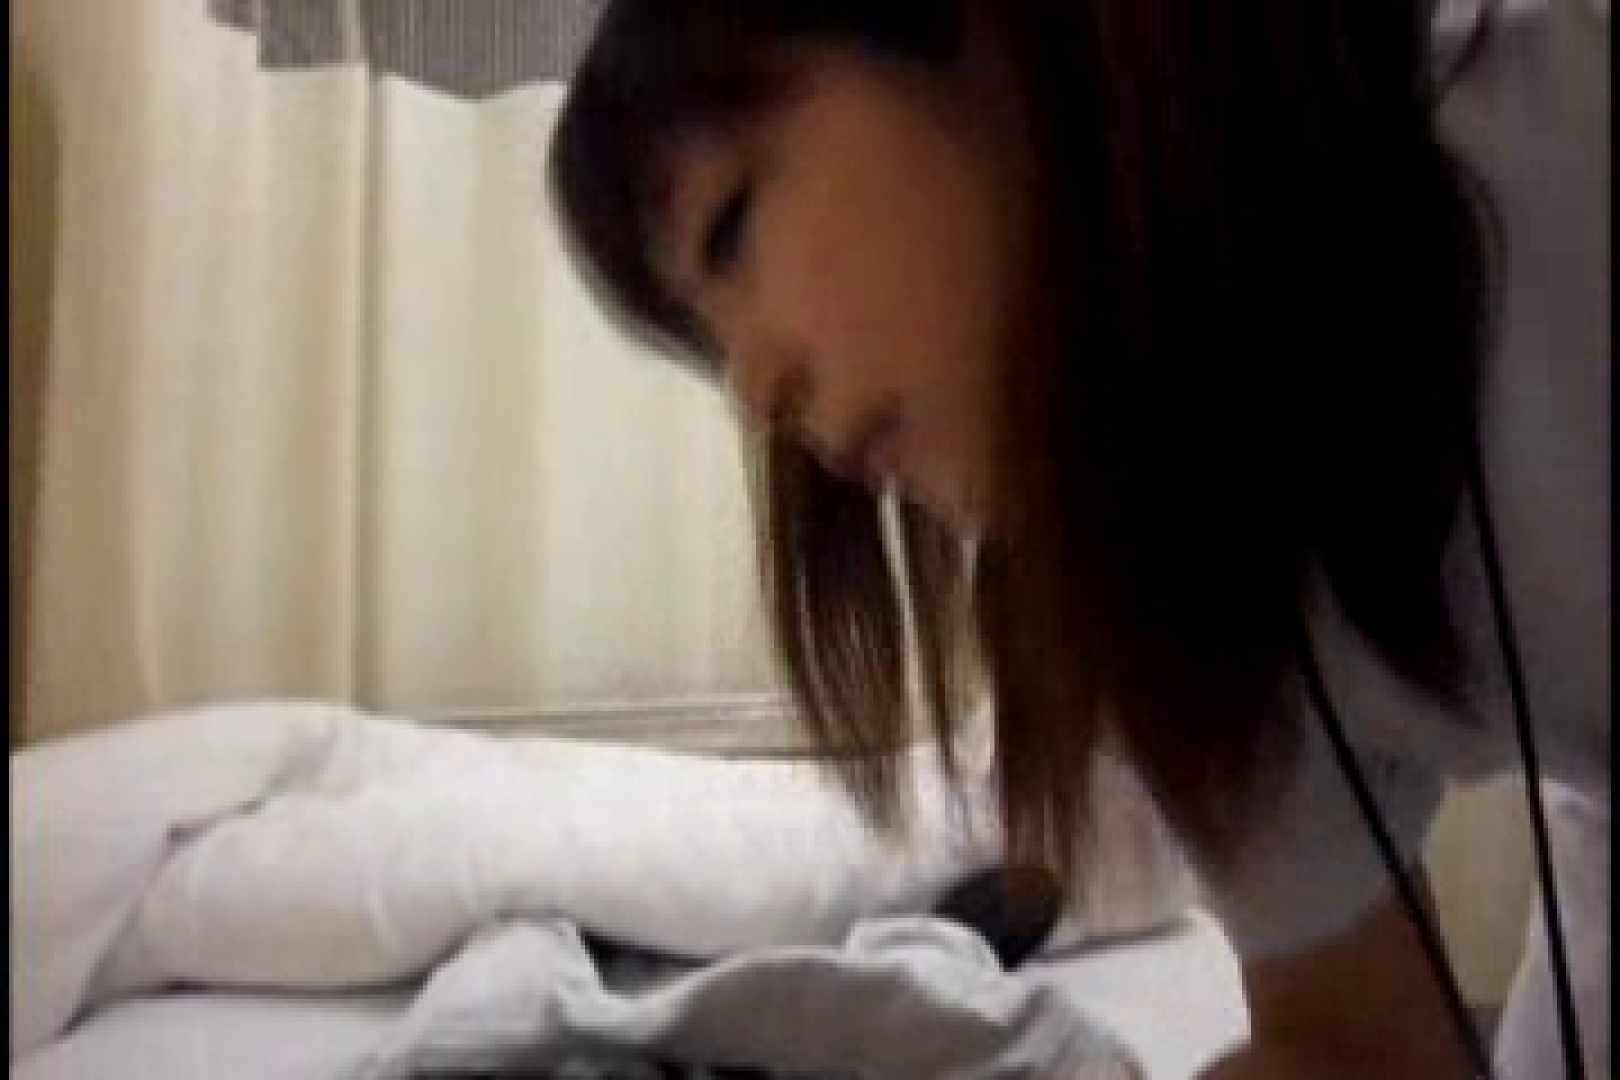 ヤリマンと呼ばれた看護士さんvol1 エッチなOL 濡れ場動画紹介 93pic 59